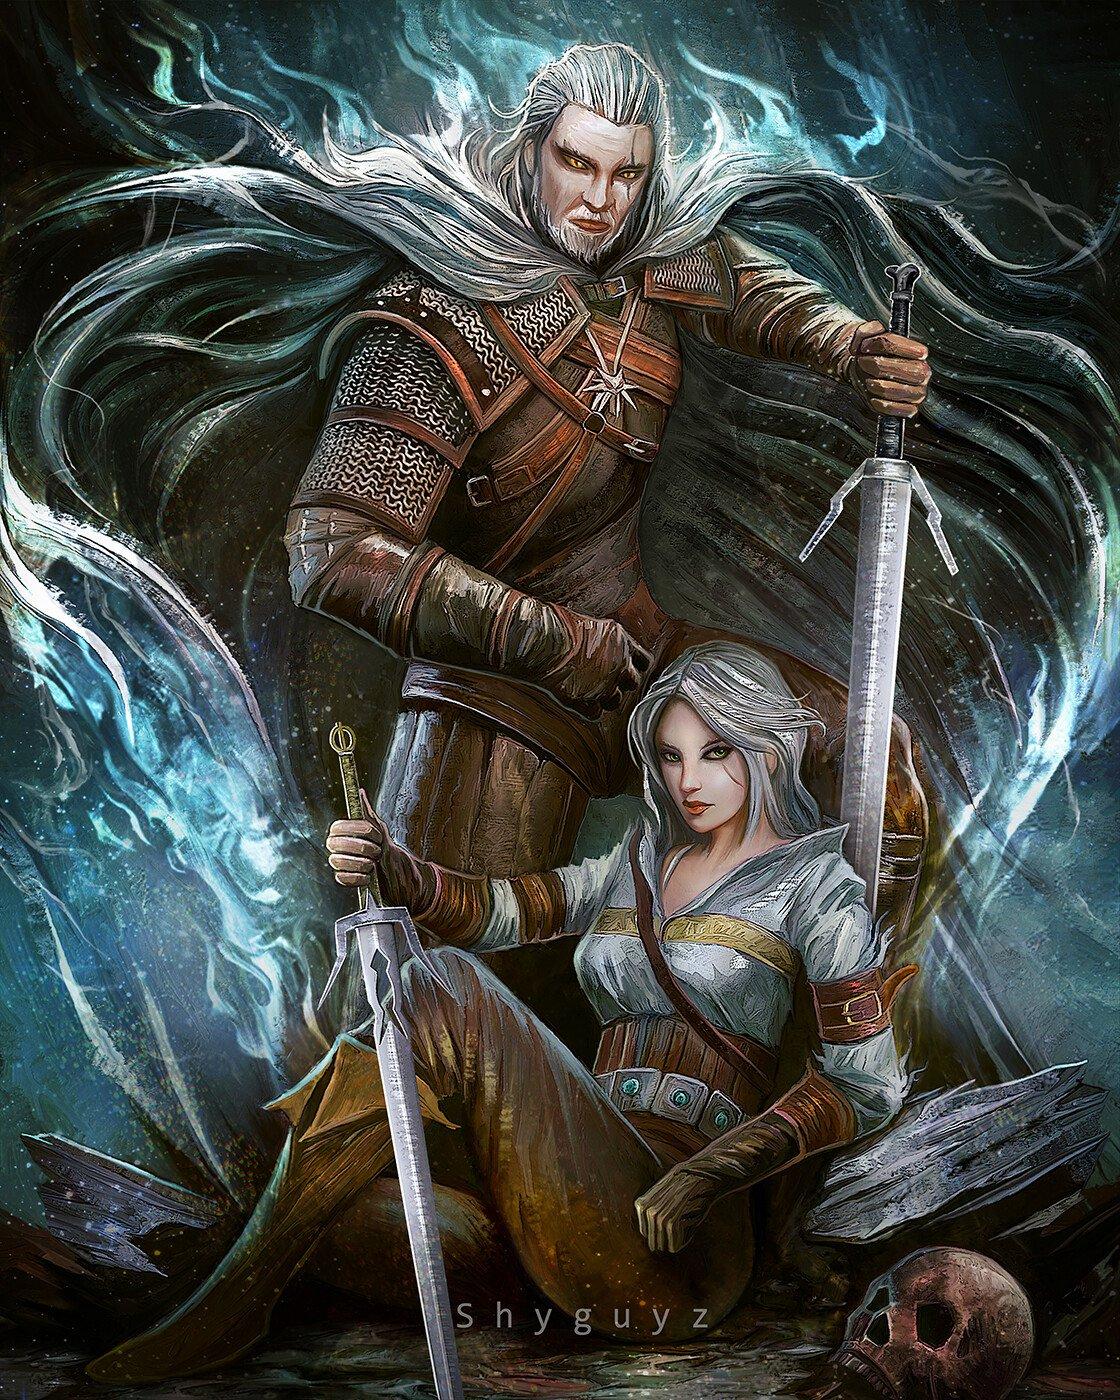 《巫师3》粉丝艺术图欣赏 白狼和希里组合画面唯美